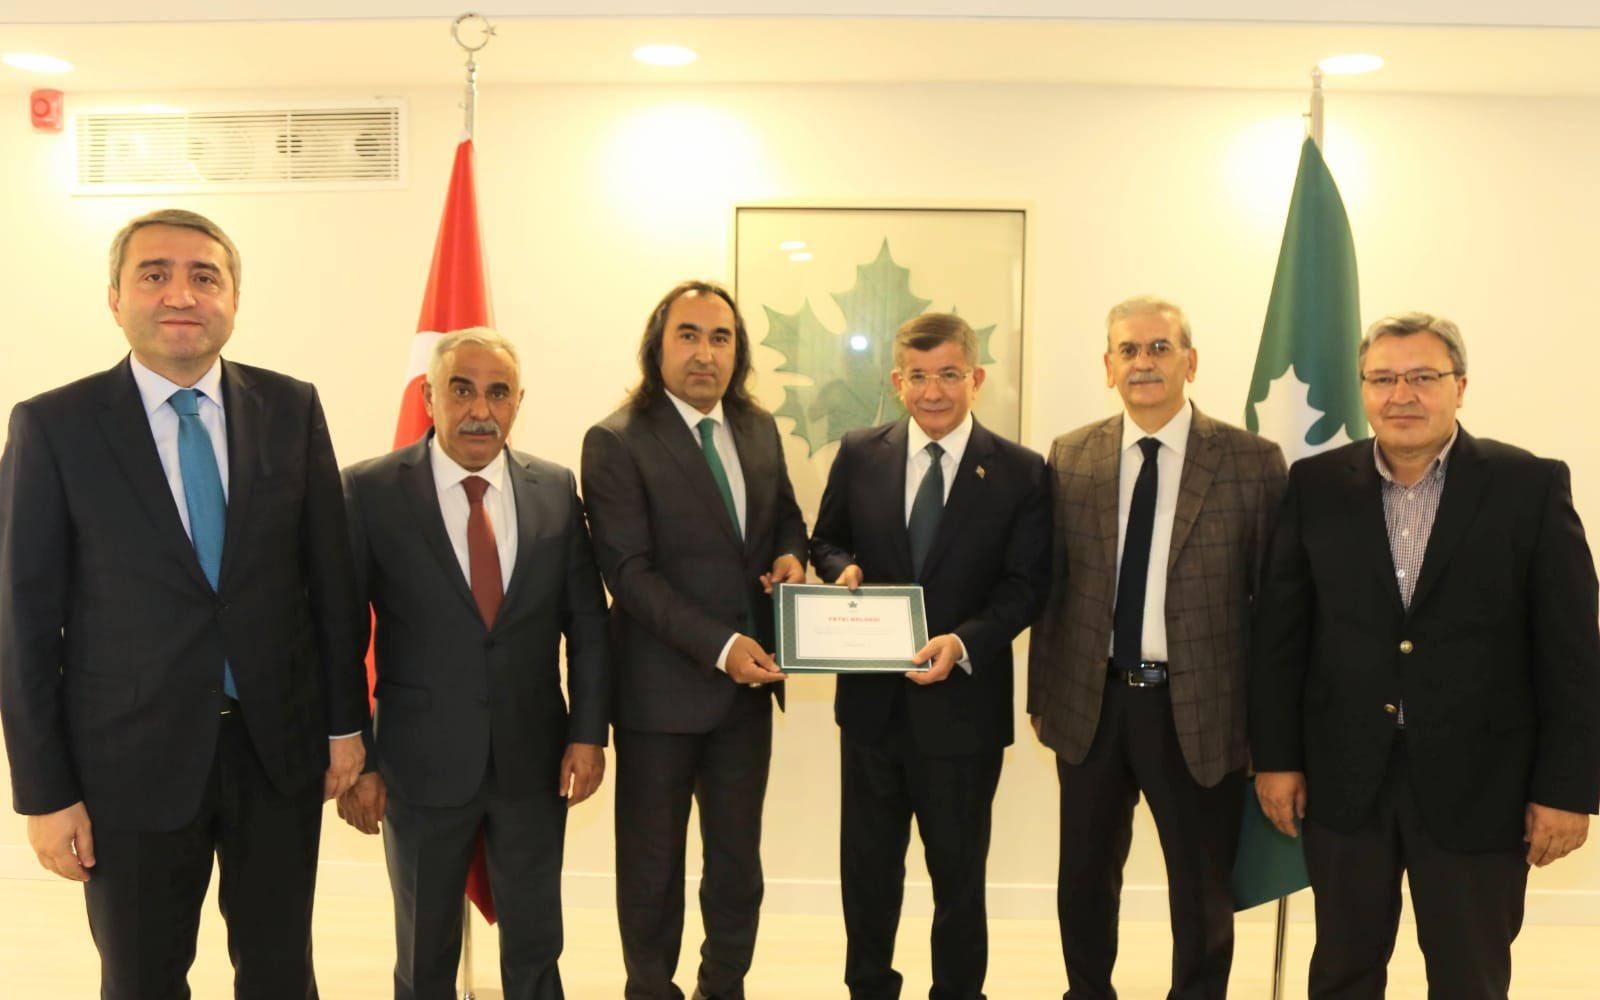 Gelecek Partisi Yozgat'ta yola Aydoğmuş ile devam edecek